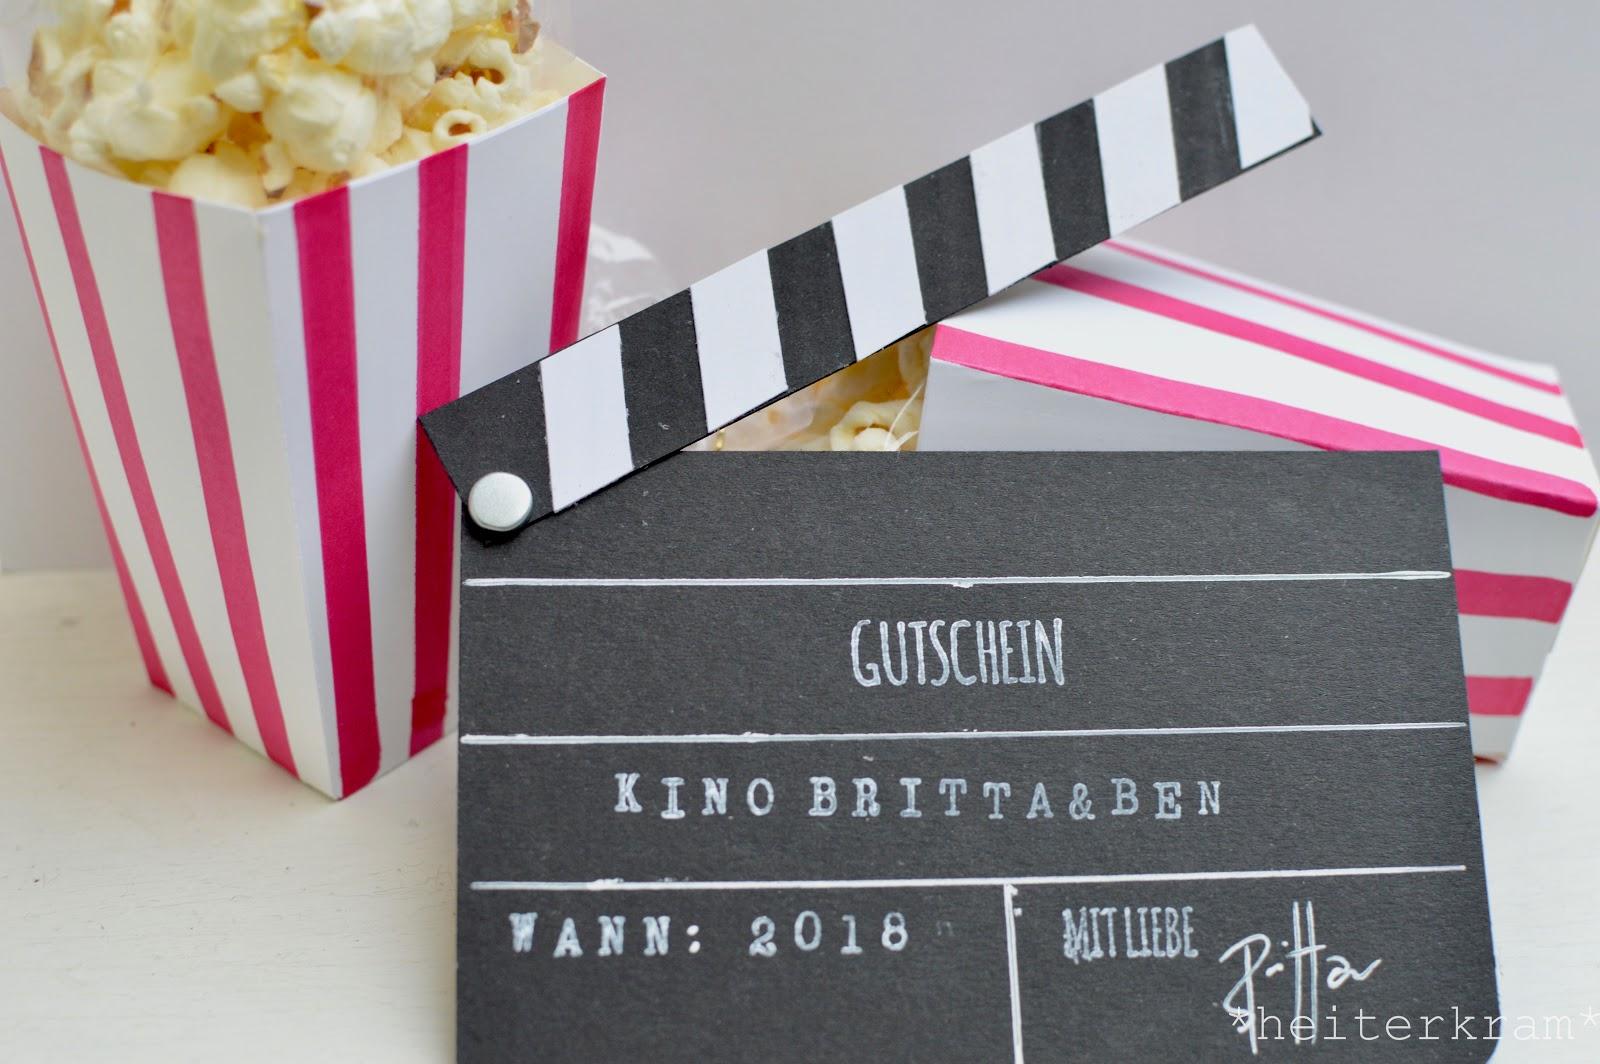 Cinestar Kinogutschein